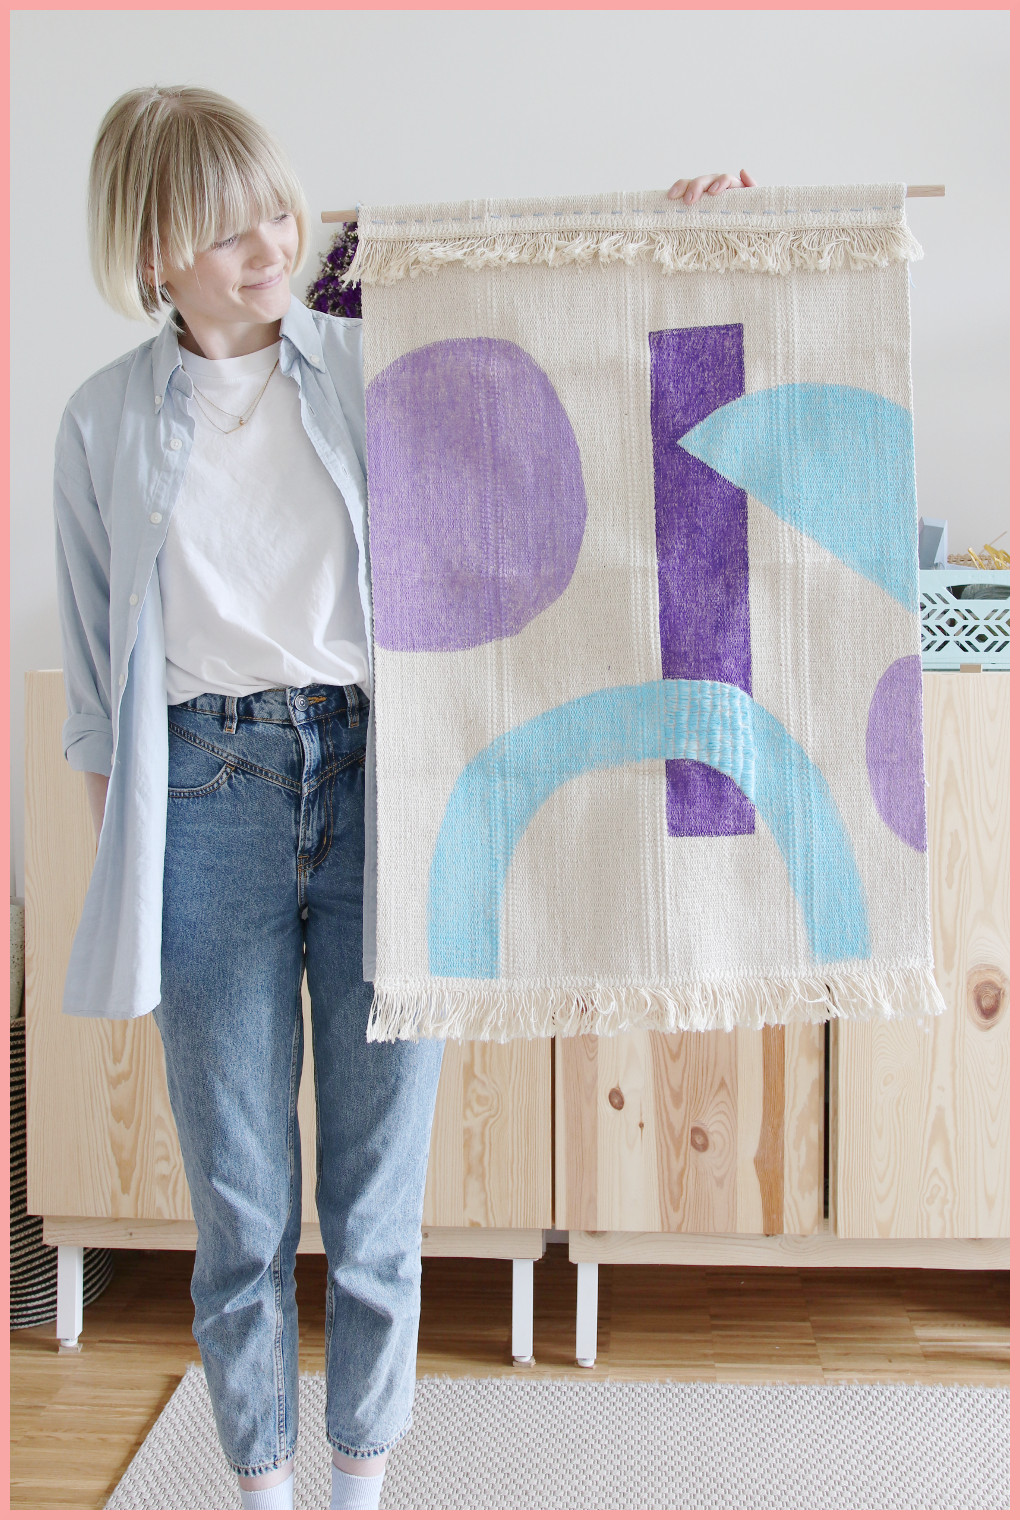 Wandteppich selbst gestalten mit geometrischen Mustern - Ergebnis